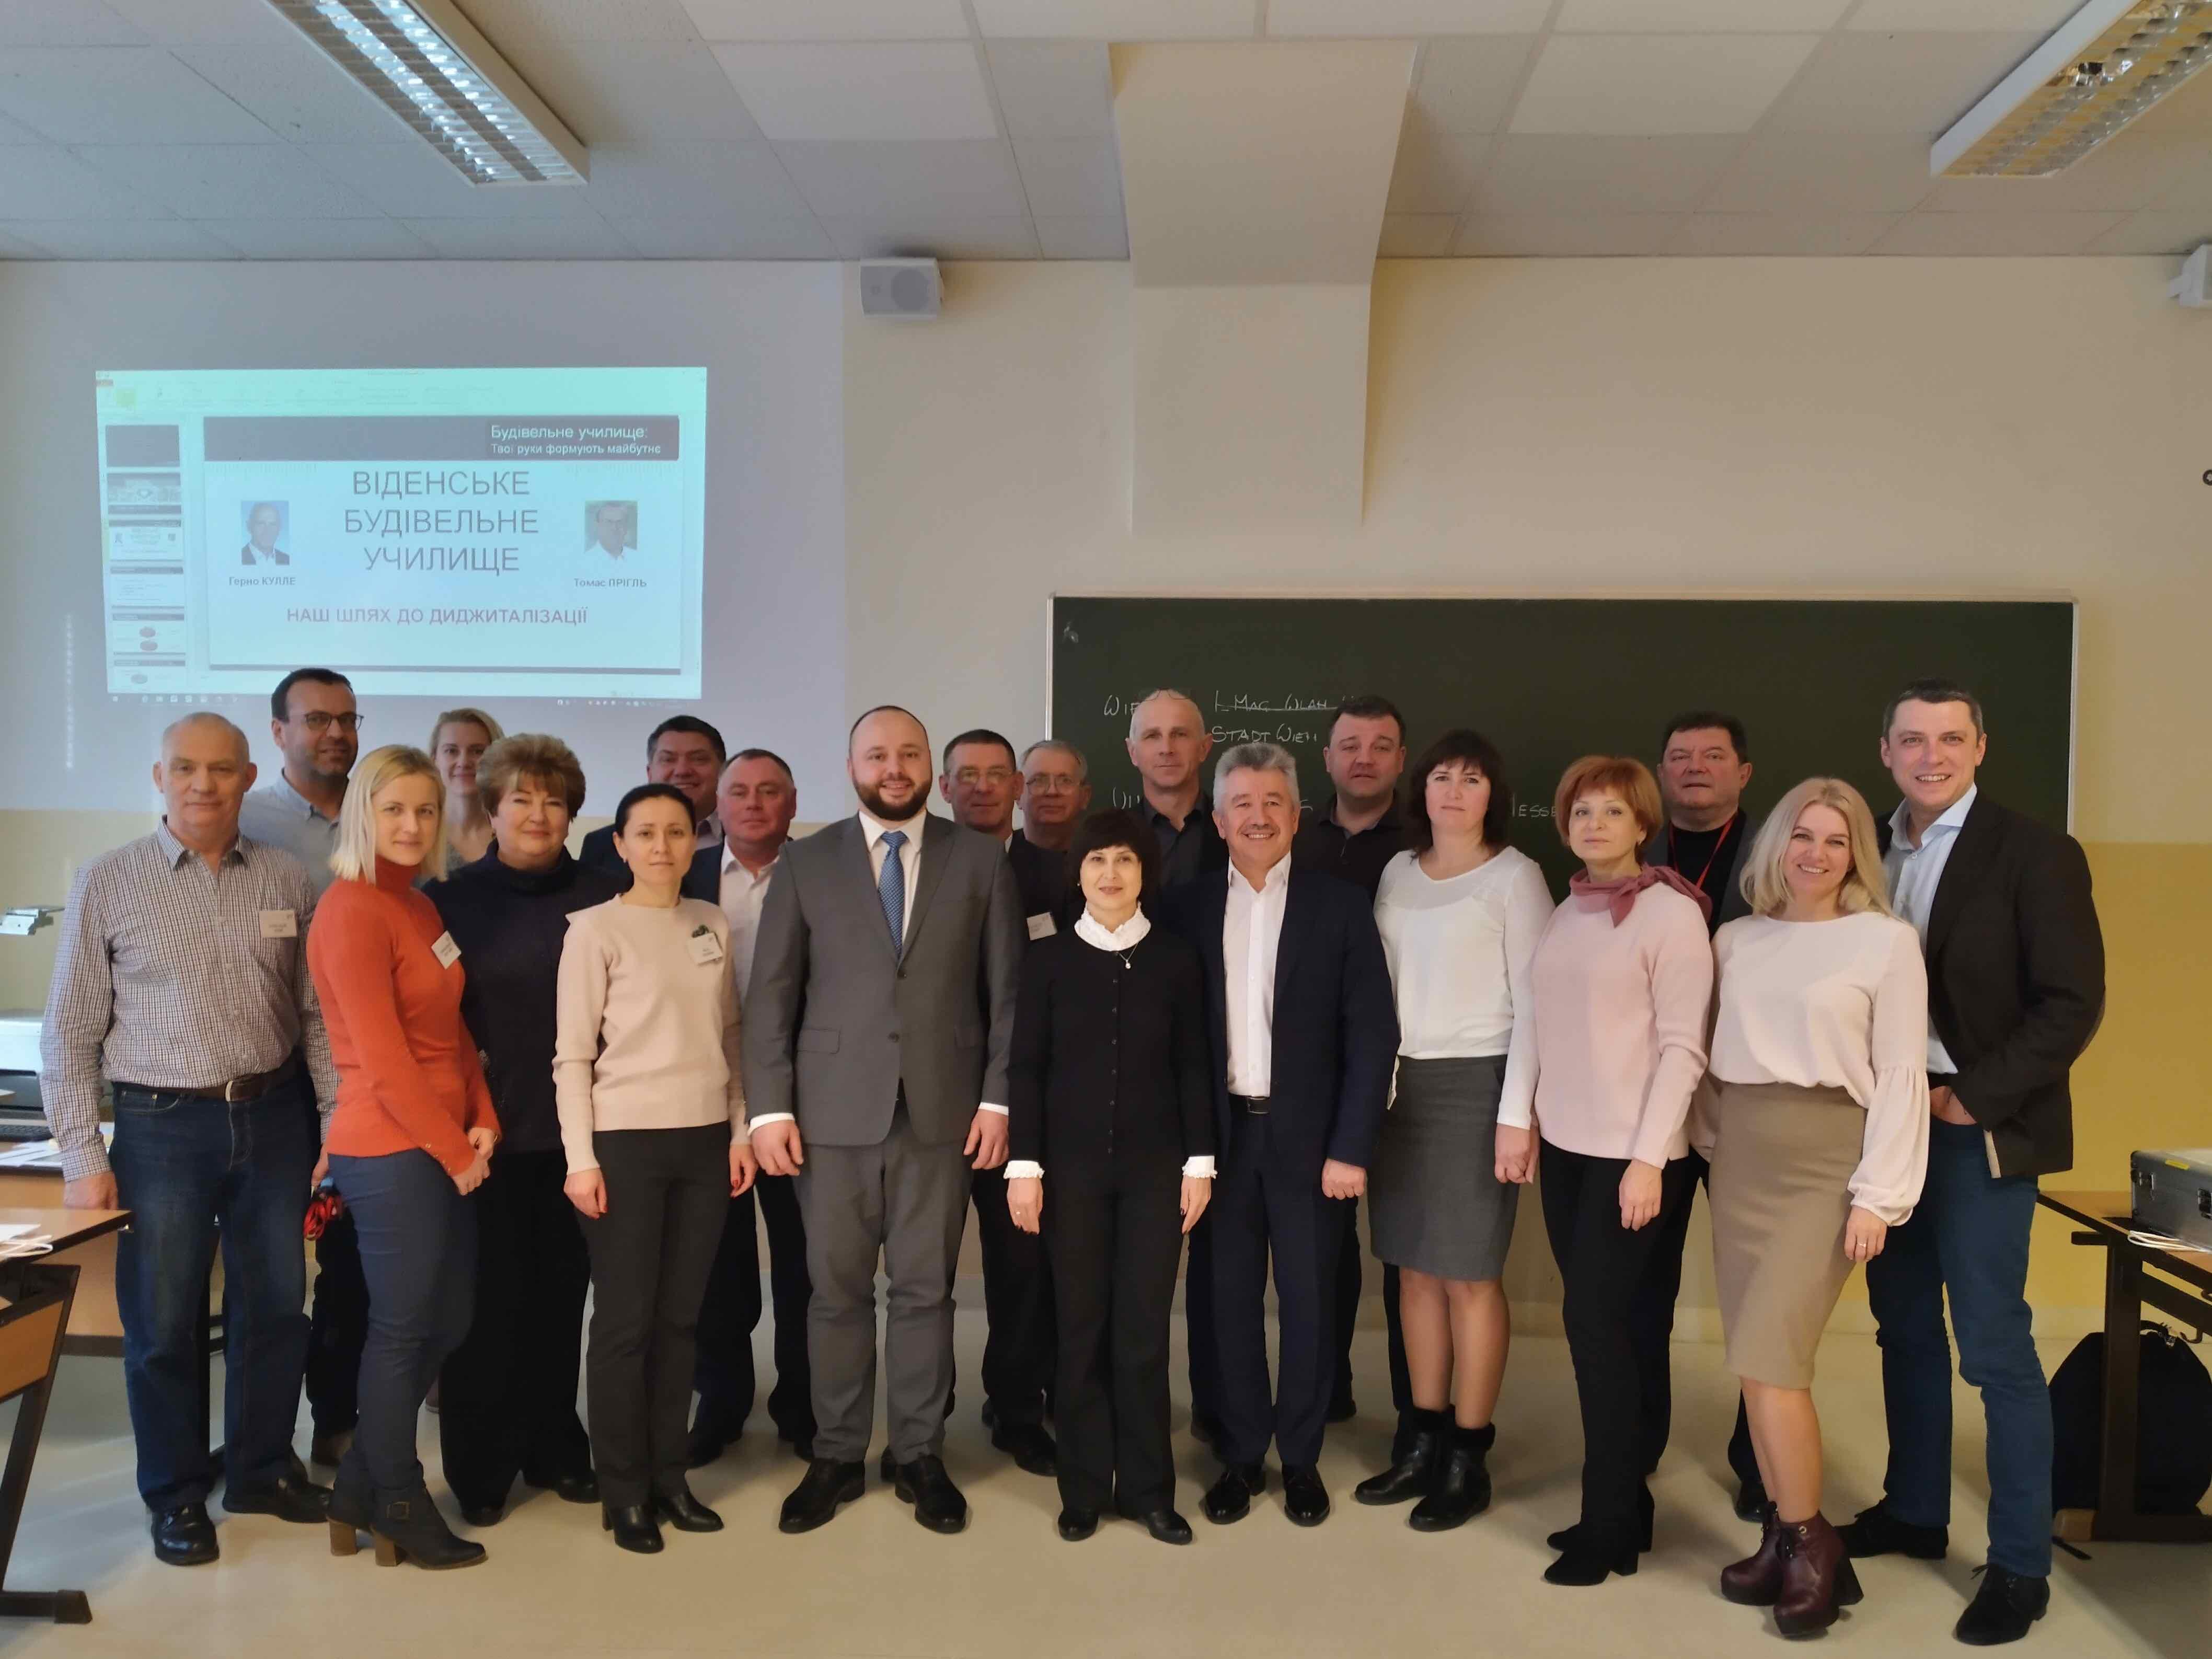 Besuch der ukrainischen Delegation